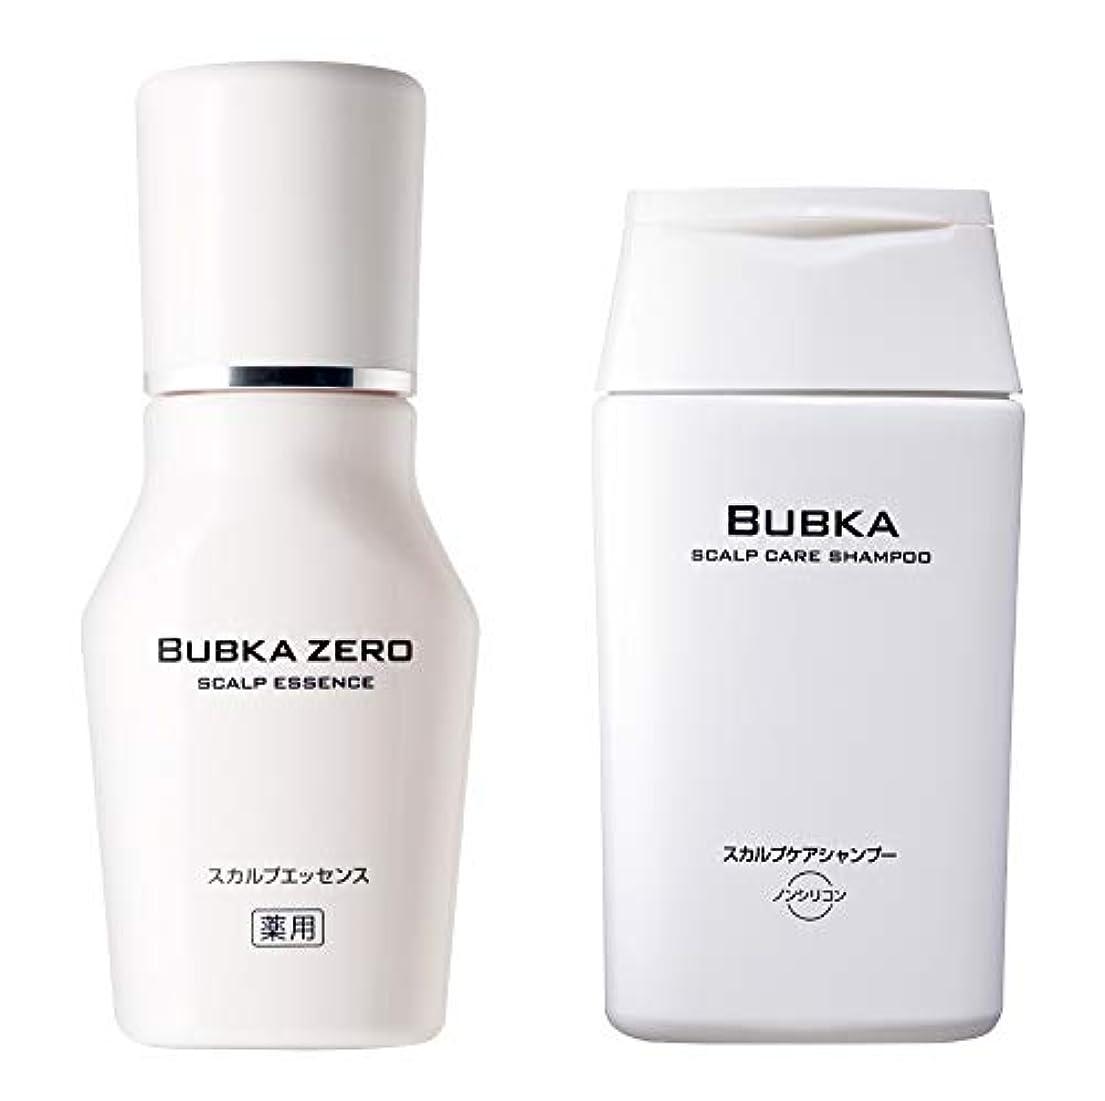 最初はごめんなさい花瓶【医薬部外品】BUBKA(ブブカ)薬用 スカルプエッセンス 育毛剤 BUBKA ZERO+BUBKAスカルプケアシャンプー おすすめセット